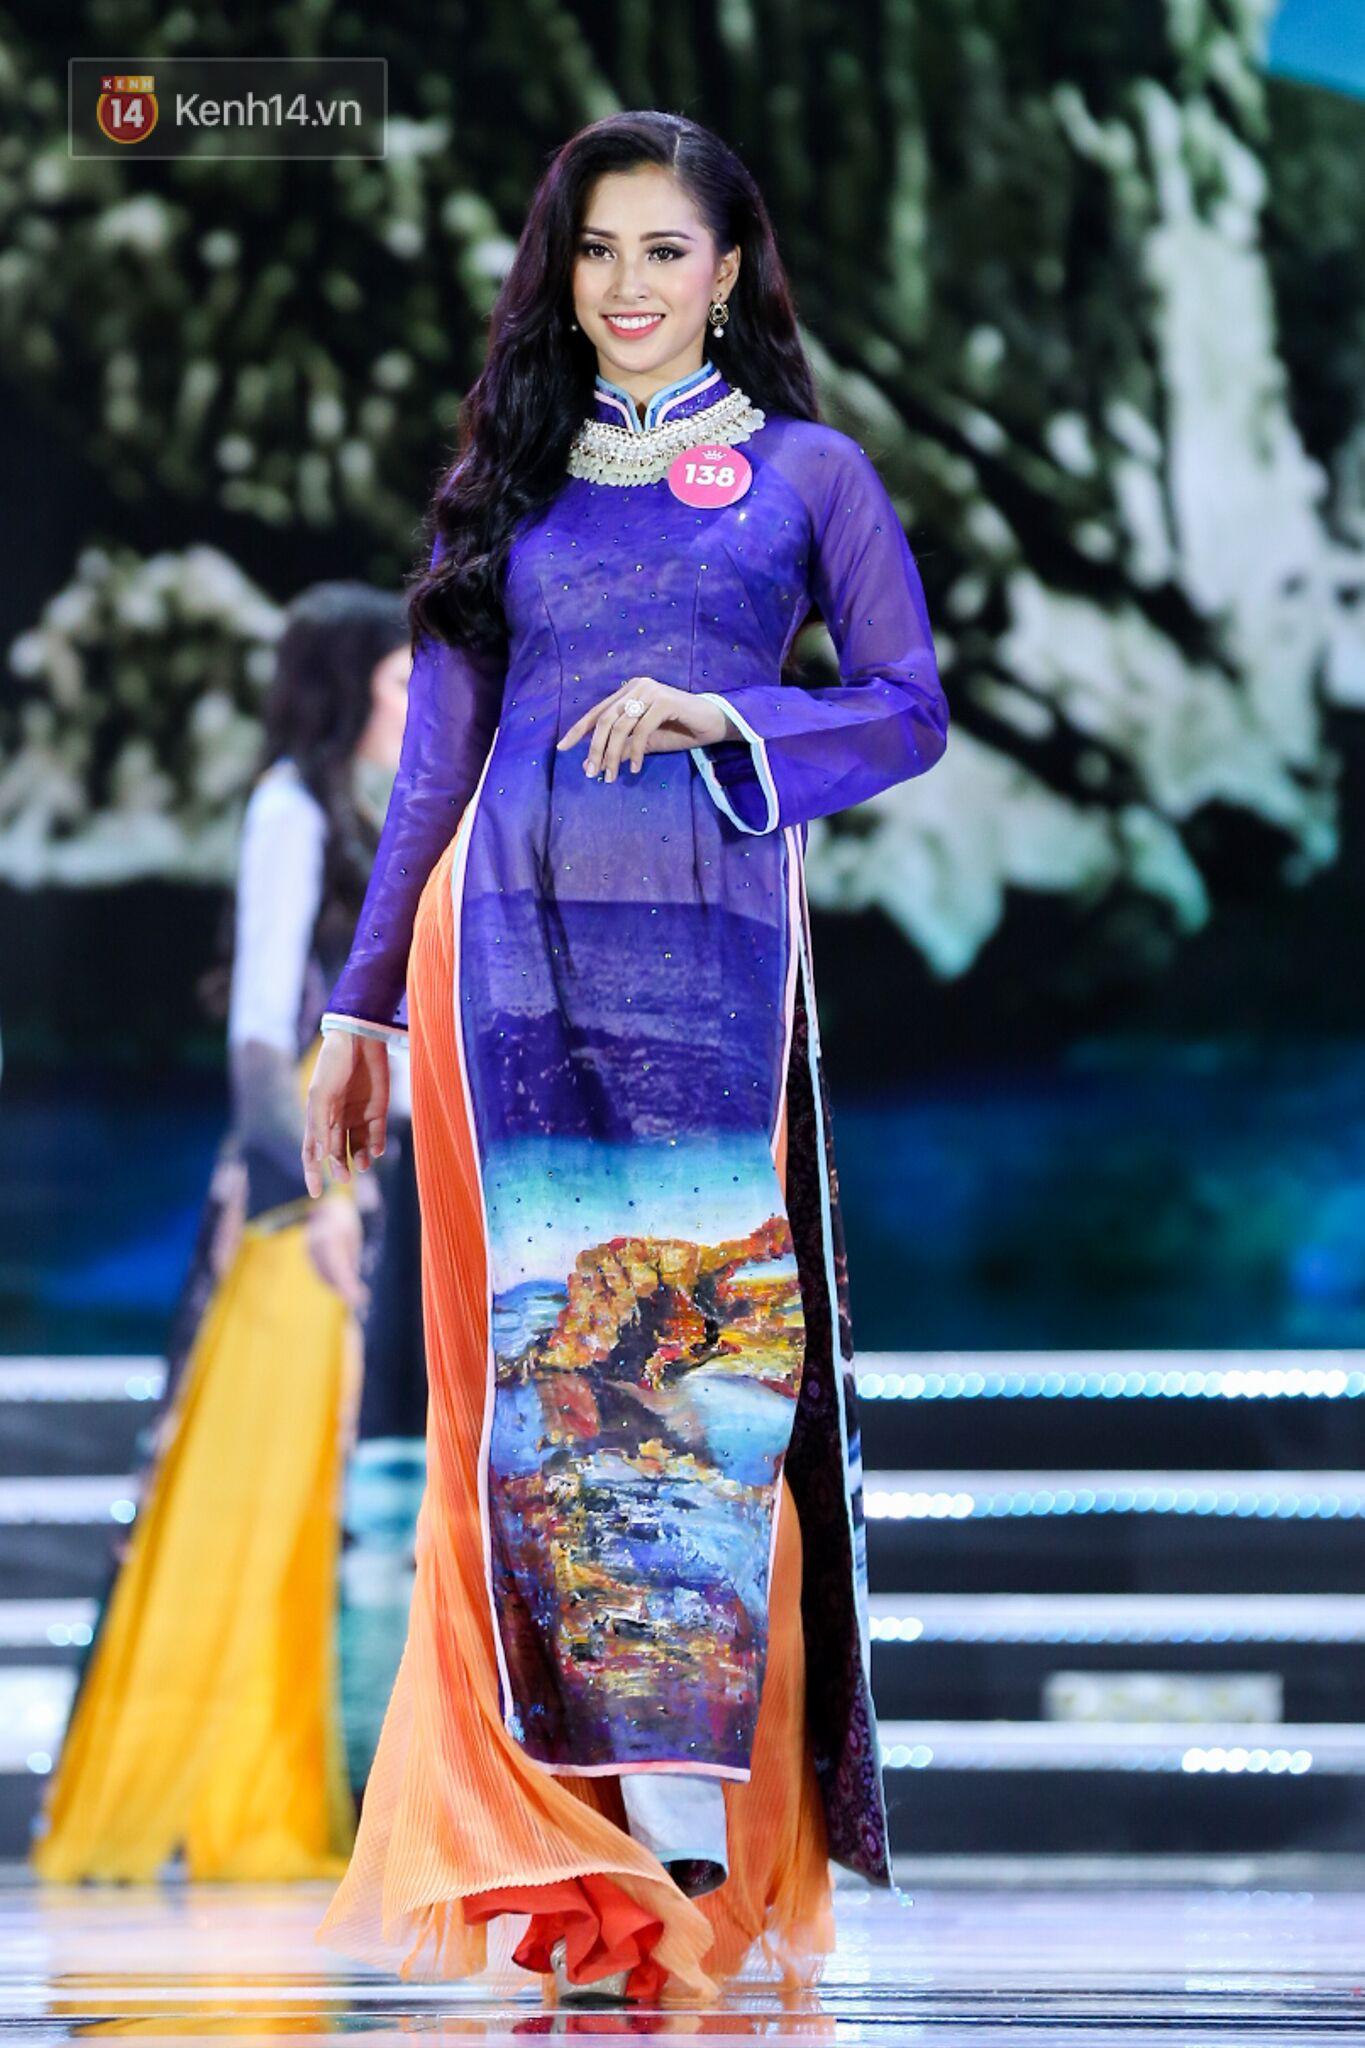 Trong đêm Chung kết Hoa hậu Việt Nam 2018, Tiểu Vy luôn gây ấn tượng với khán giả, ban giám khảo qua các vòng thi: trang phục dân tộc, bikini, dạ hội.